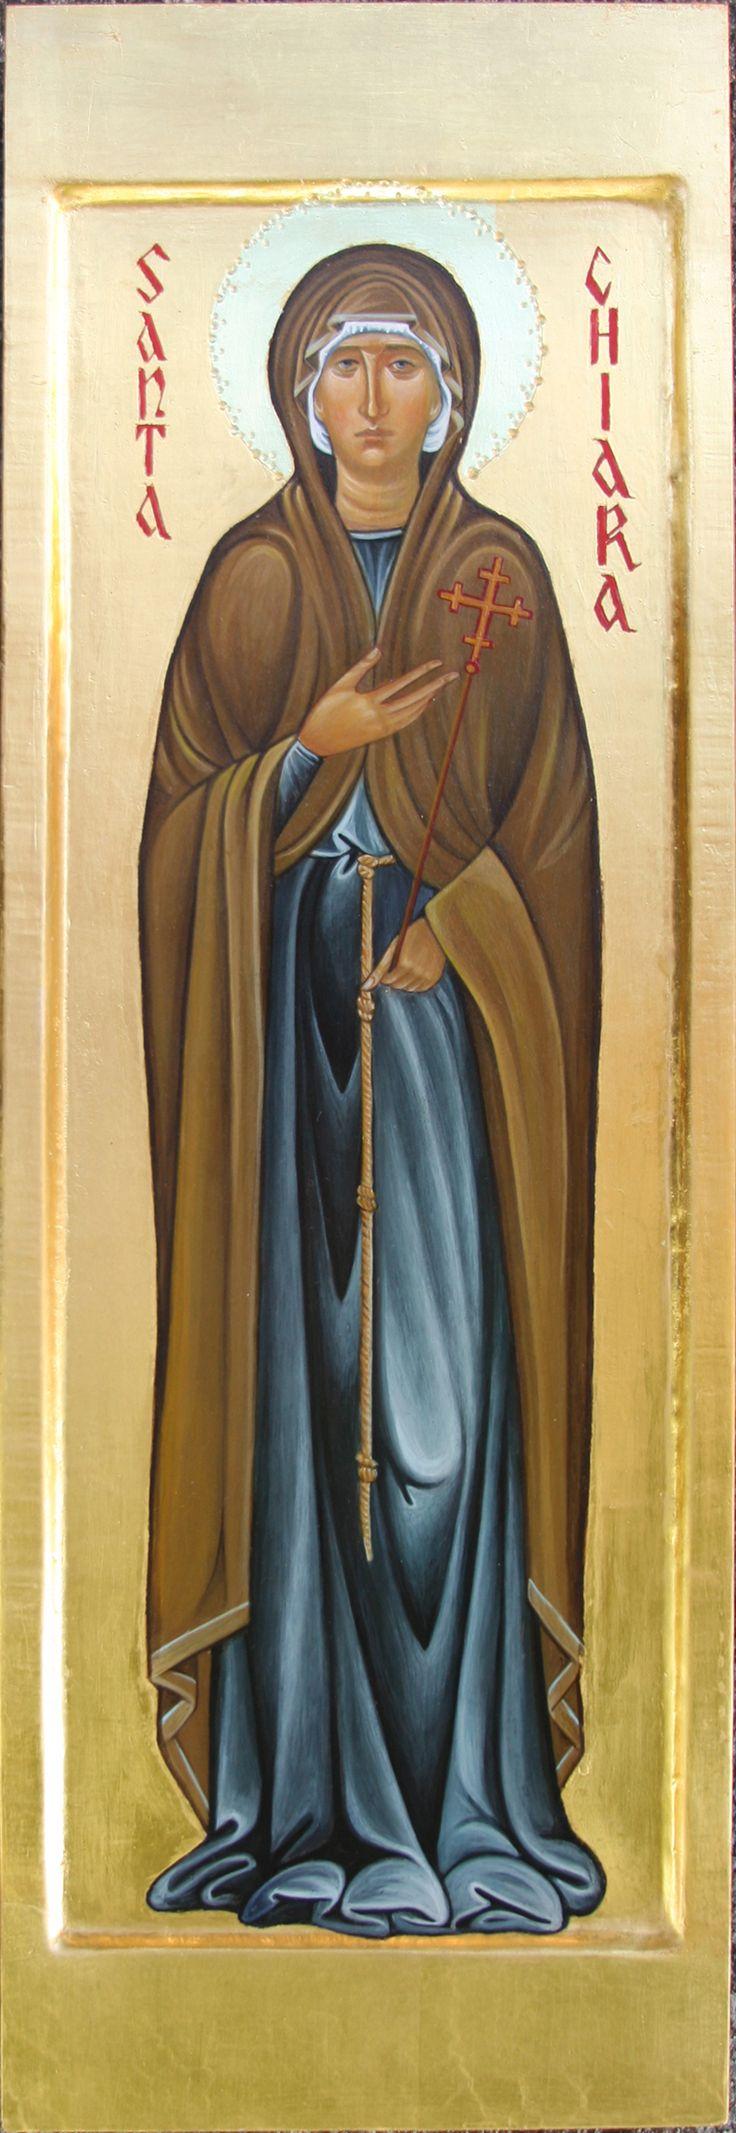 Santa Chiara d'Assisi per mano di Maria Marciandi (Italy)